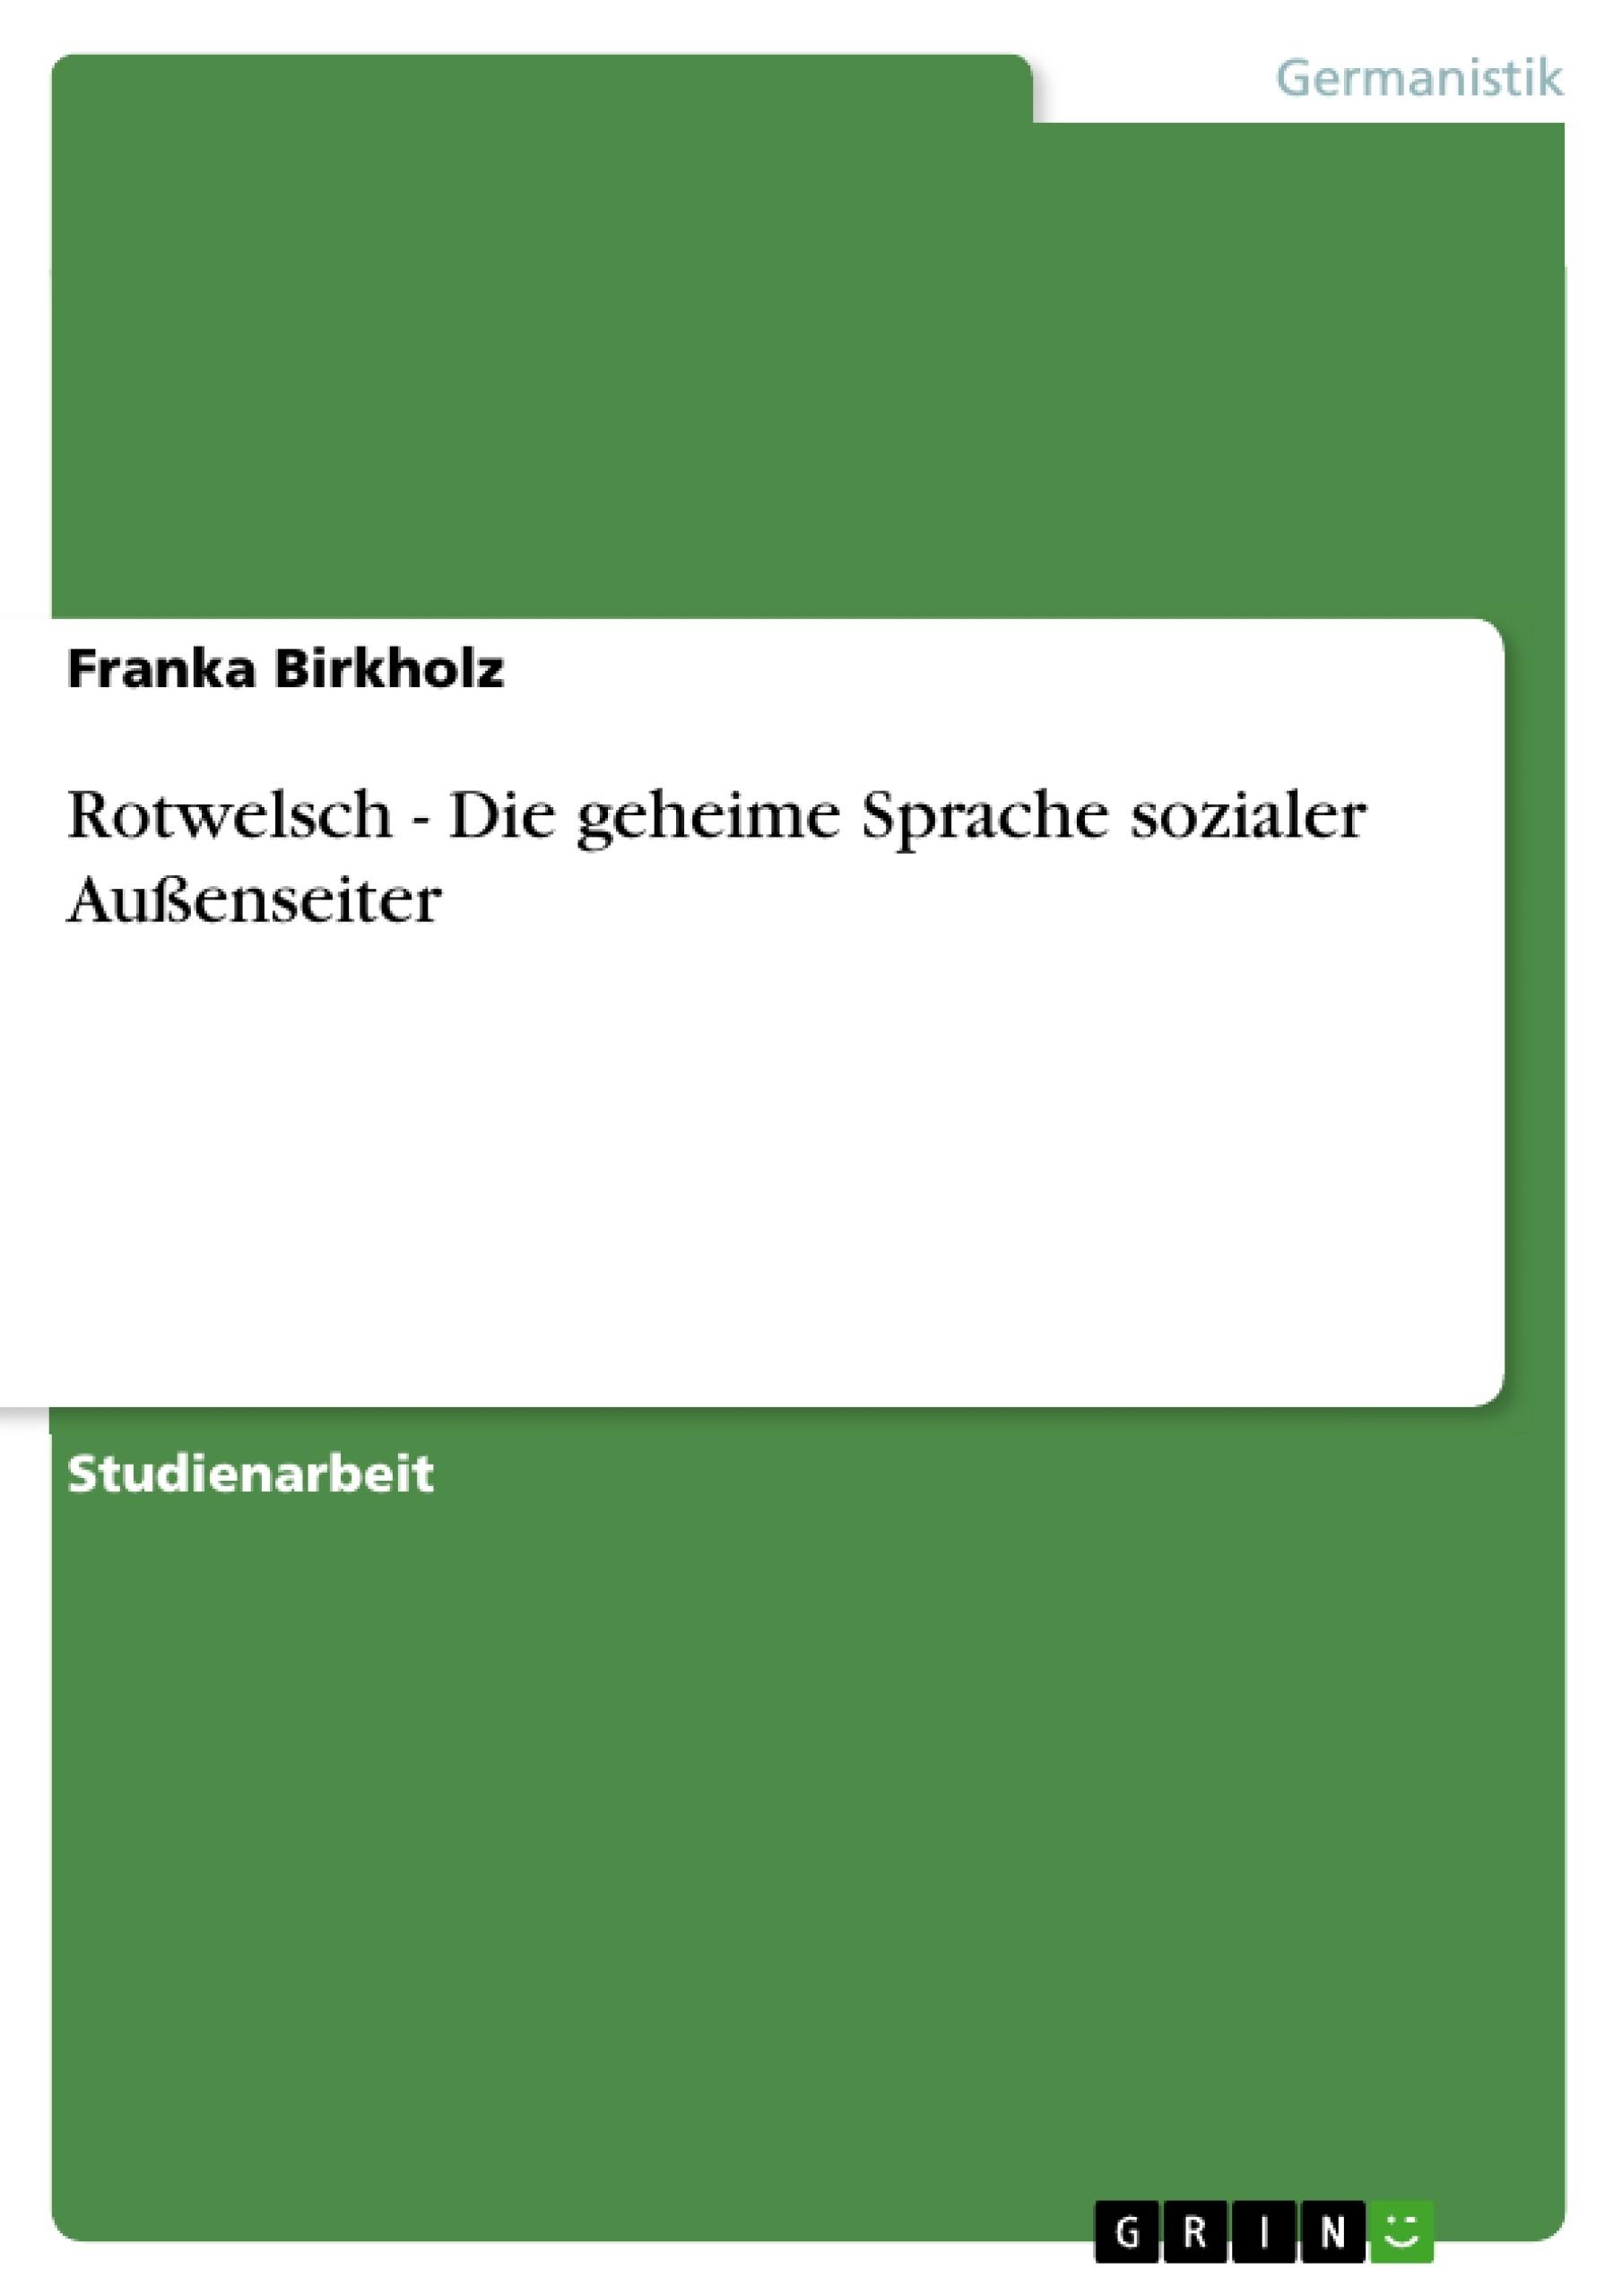 Titel: Rotwelsch - Die geheime Sprache sozialer Außenseiter